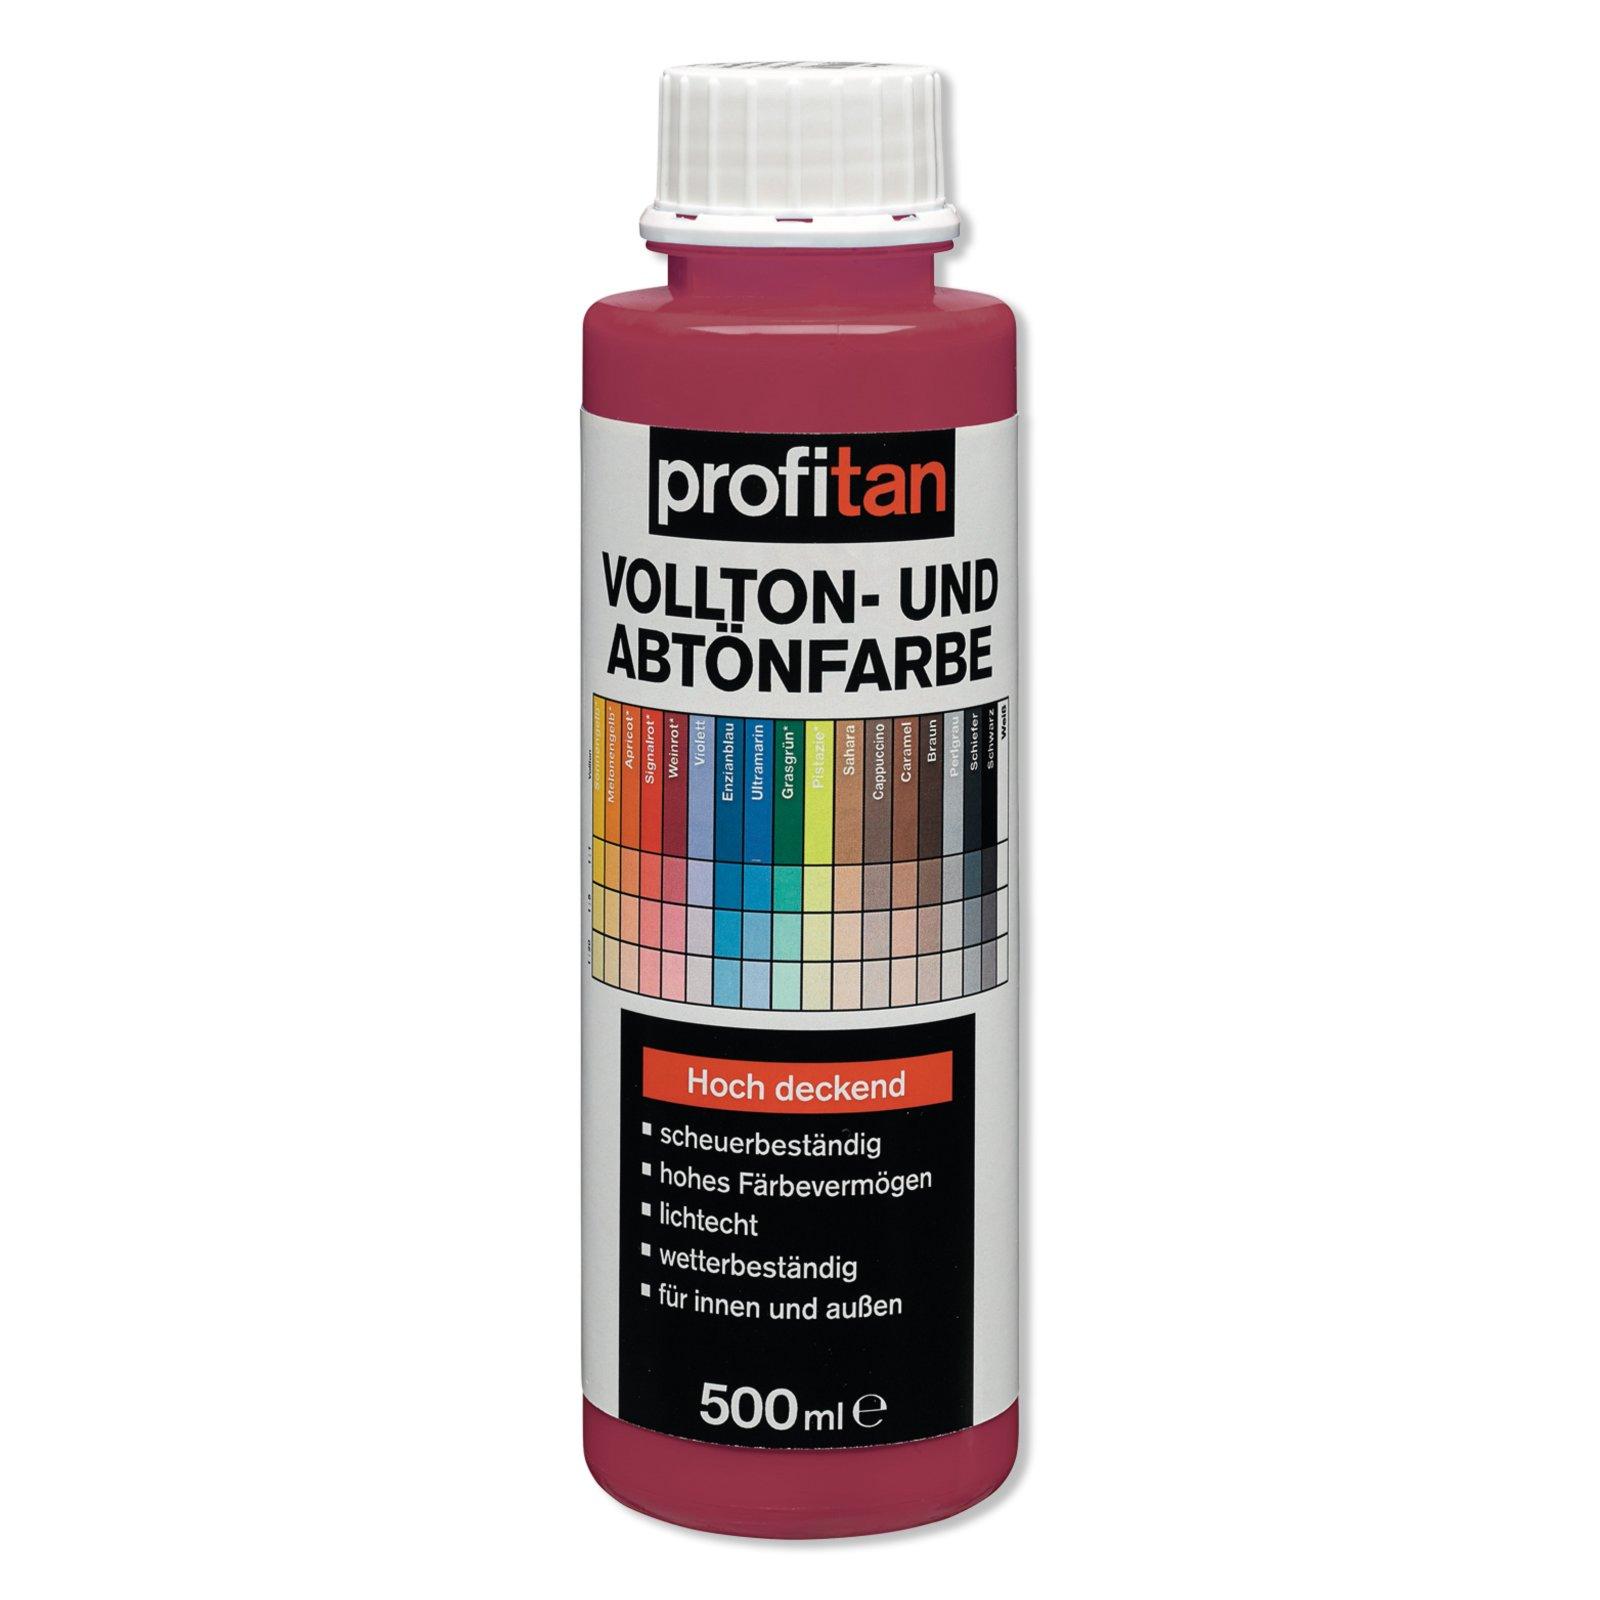 profitan Vollton- und Abtönfarbe - weinrot - 500 ml